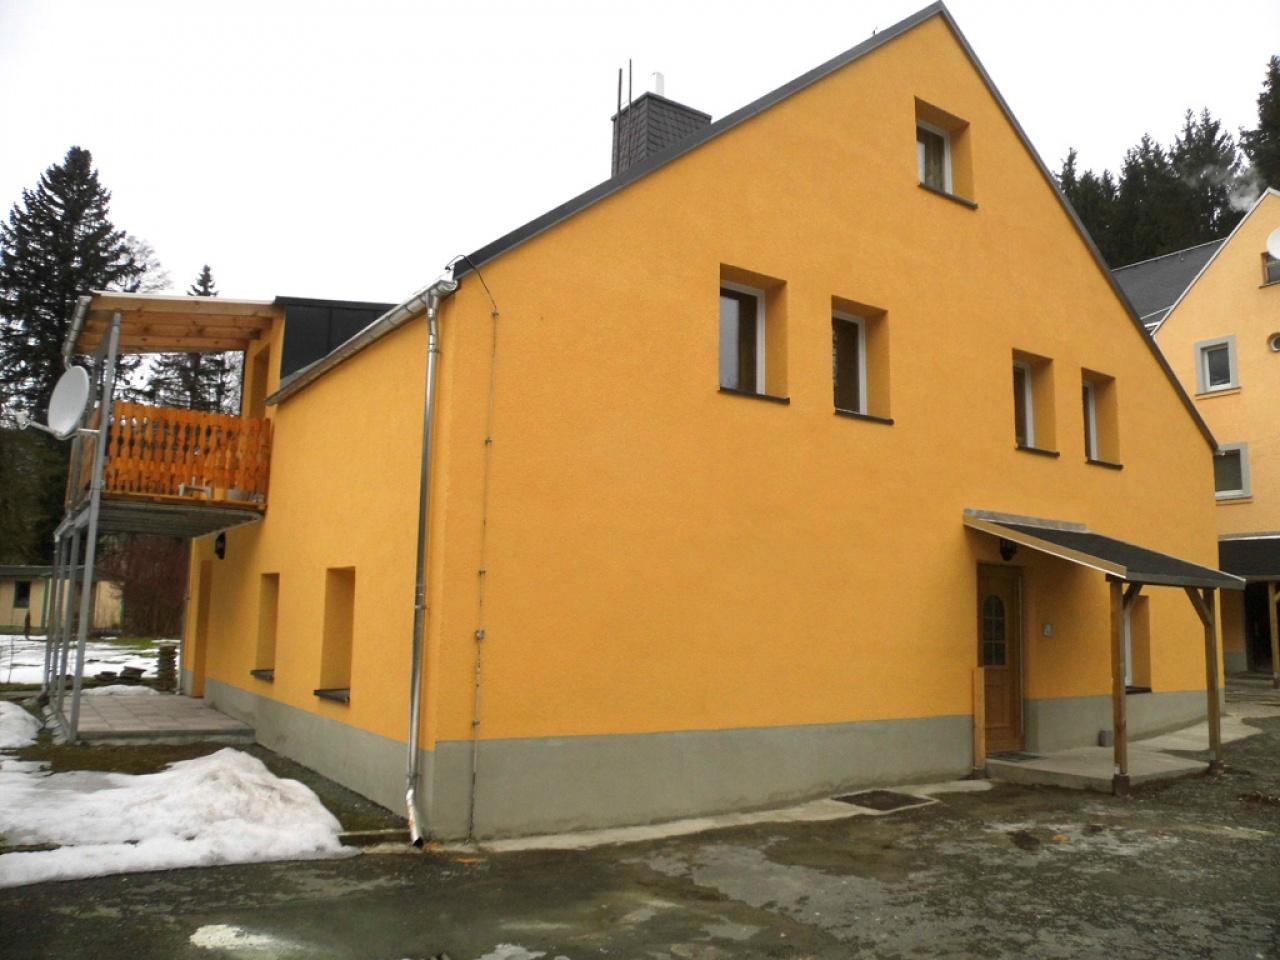 Ferienwohnungen in der Greifenbachmühle, Ehrenfriedersdorf ...